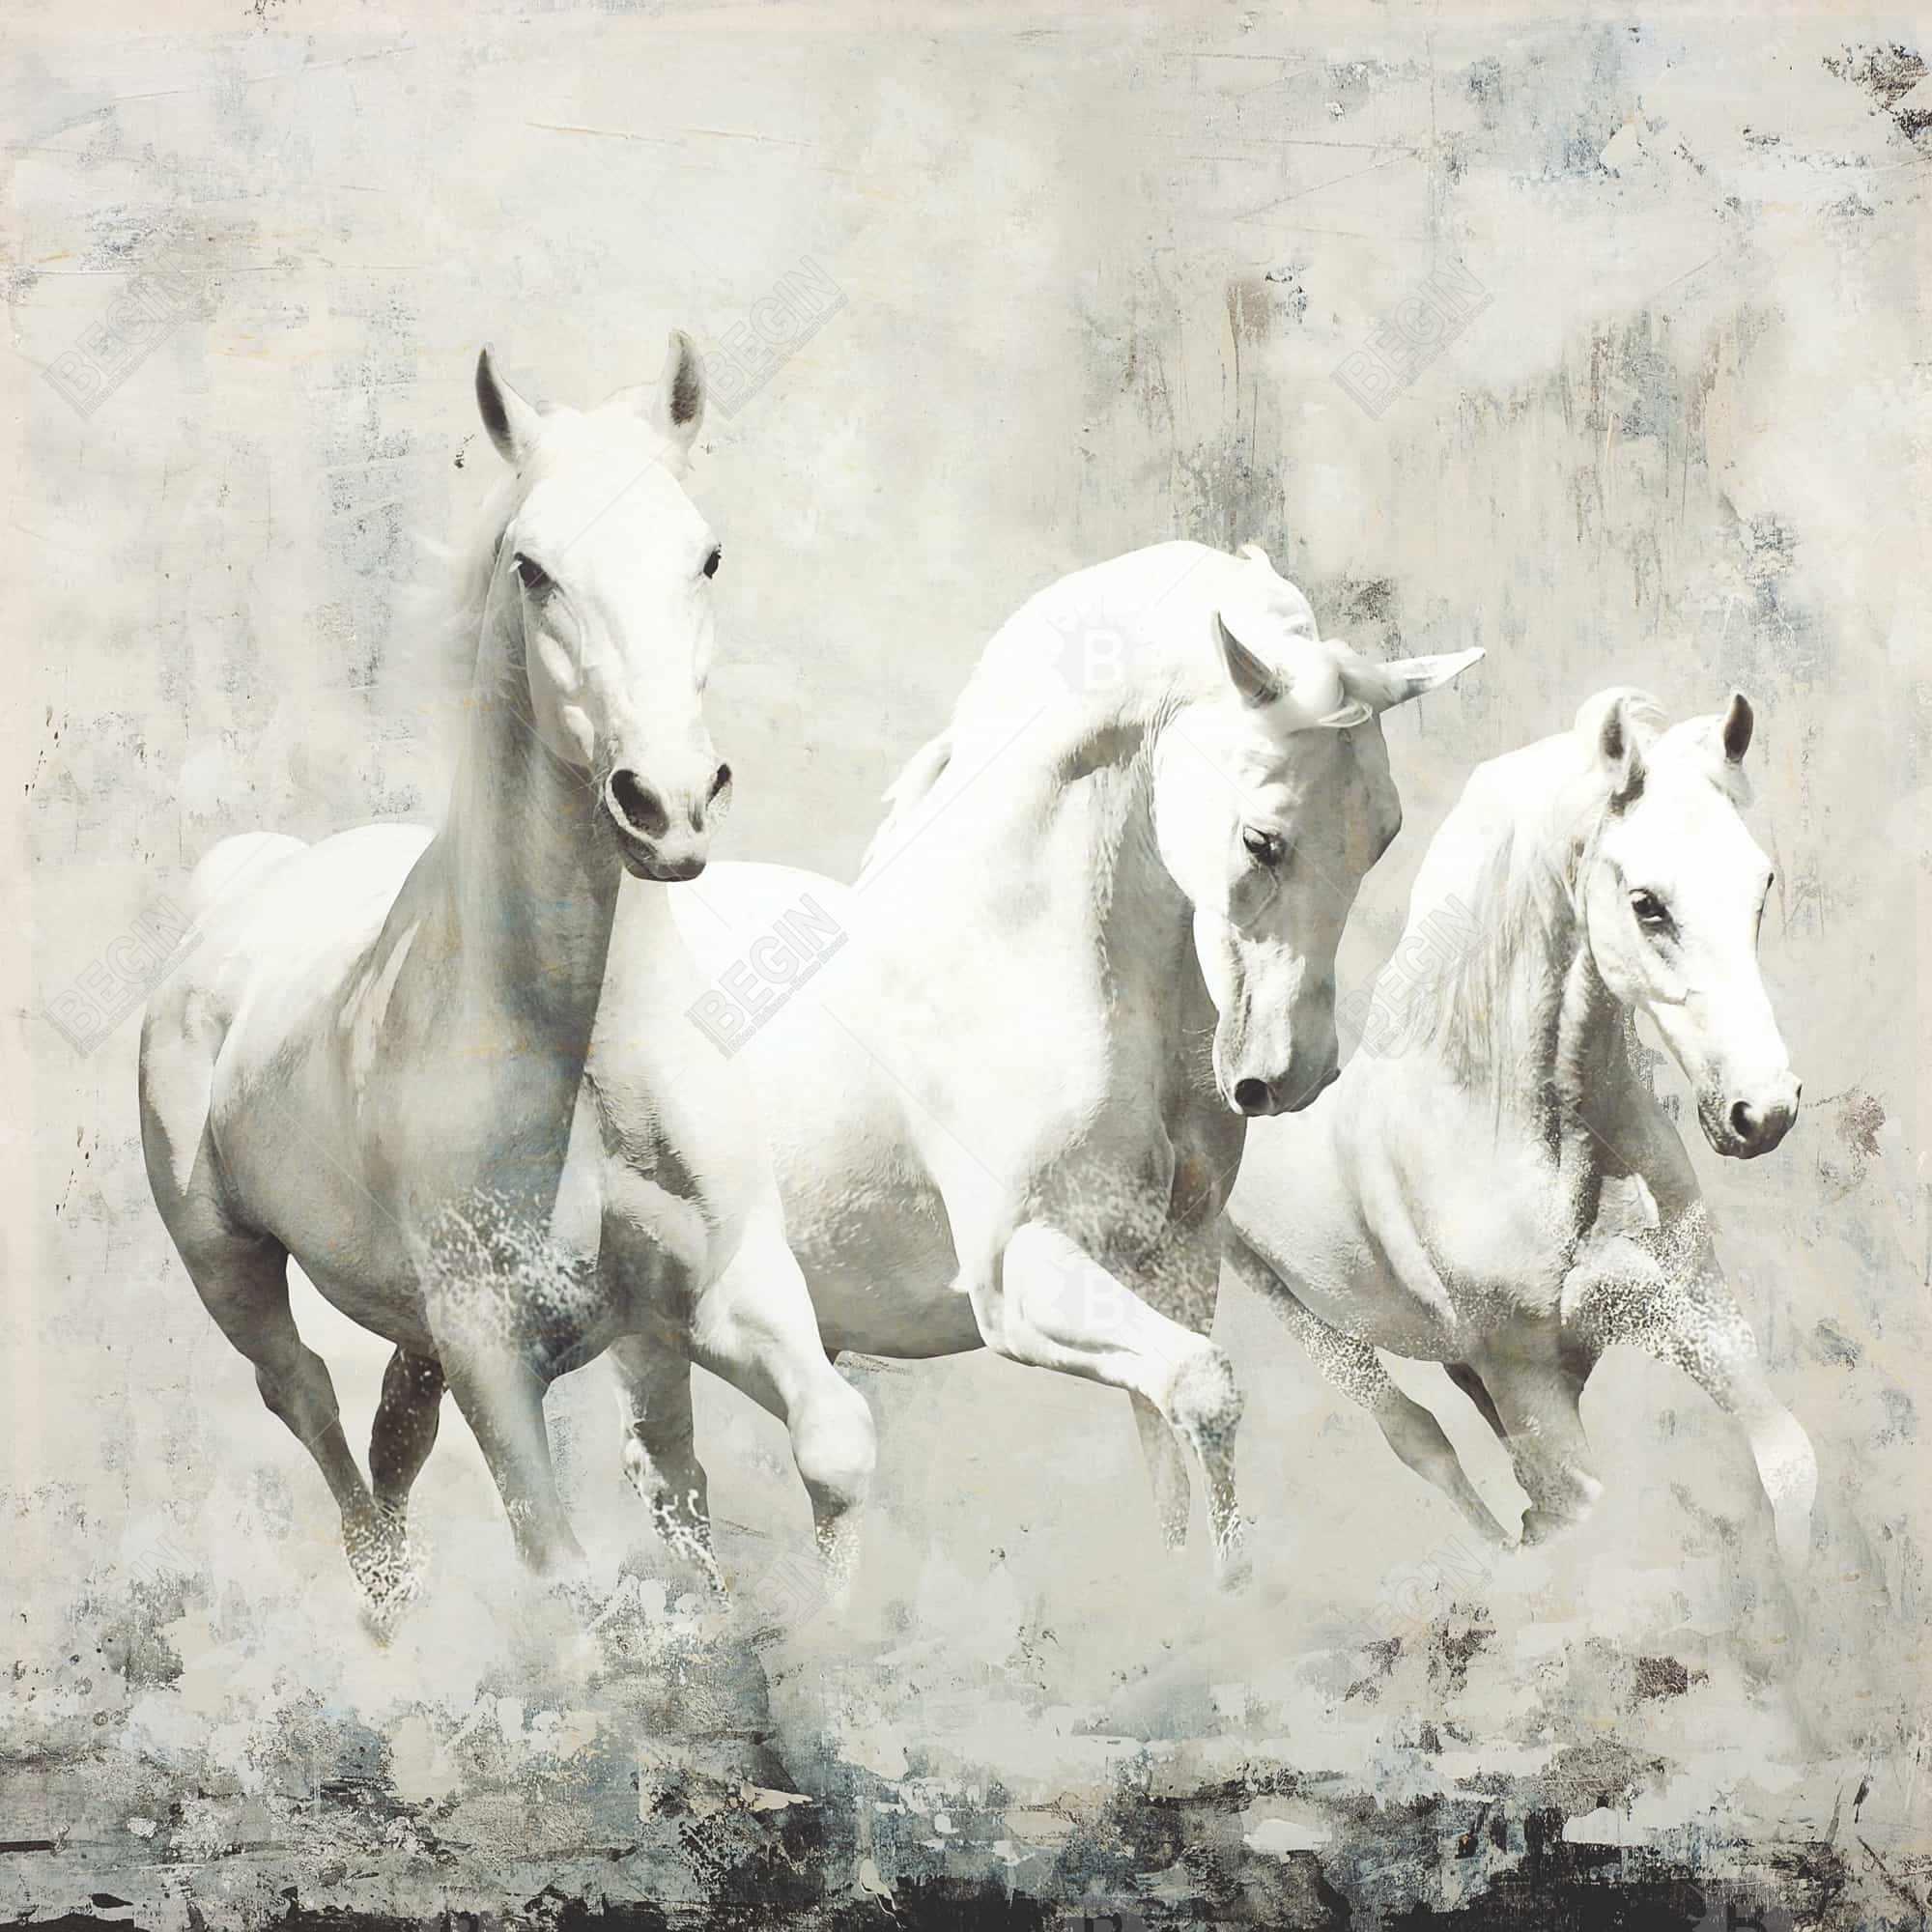 Three white horses running